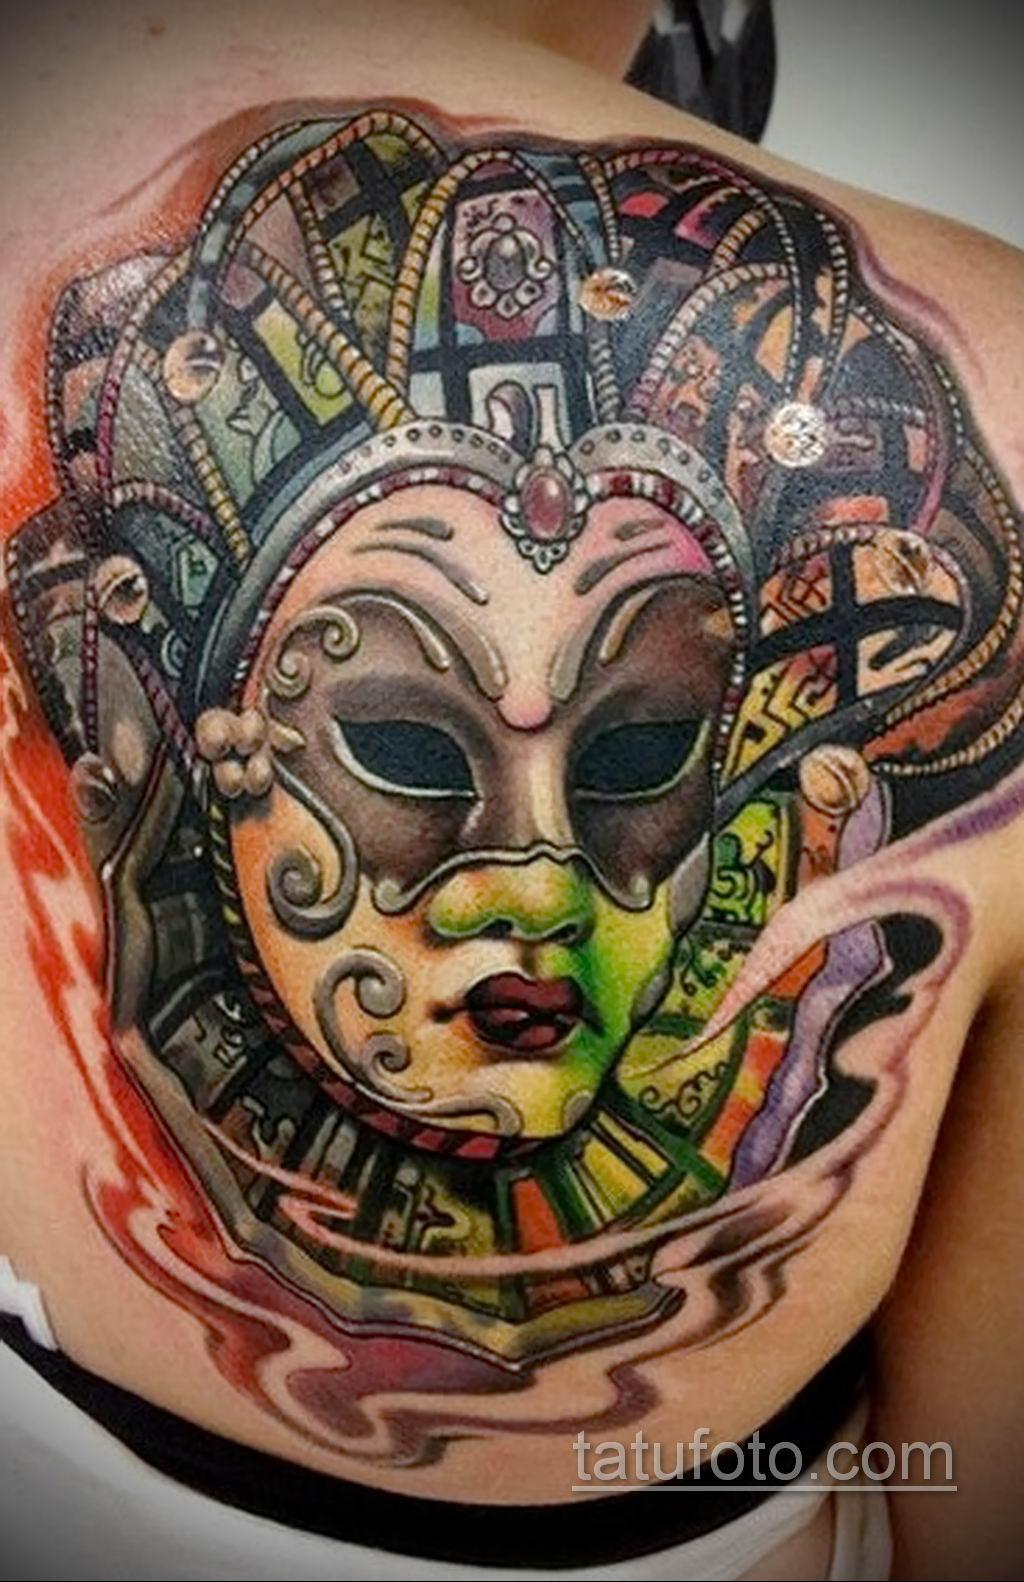 Фото тату театральные маски 09.09.2019 №096 - tattoo theater masks - tatufoto.com